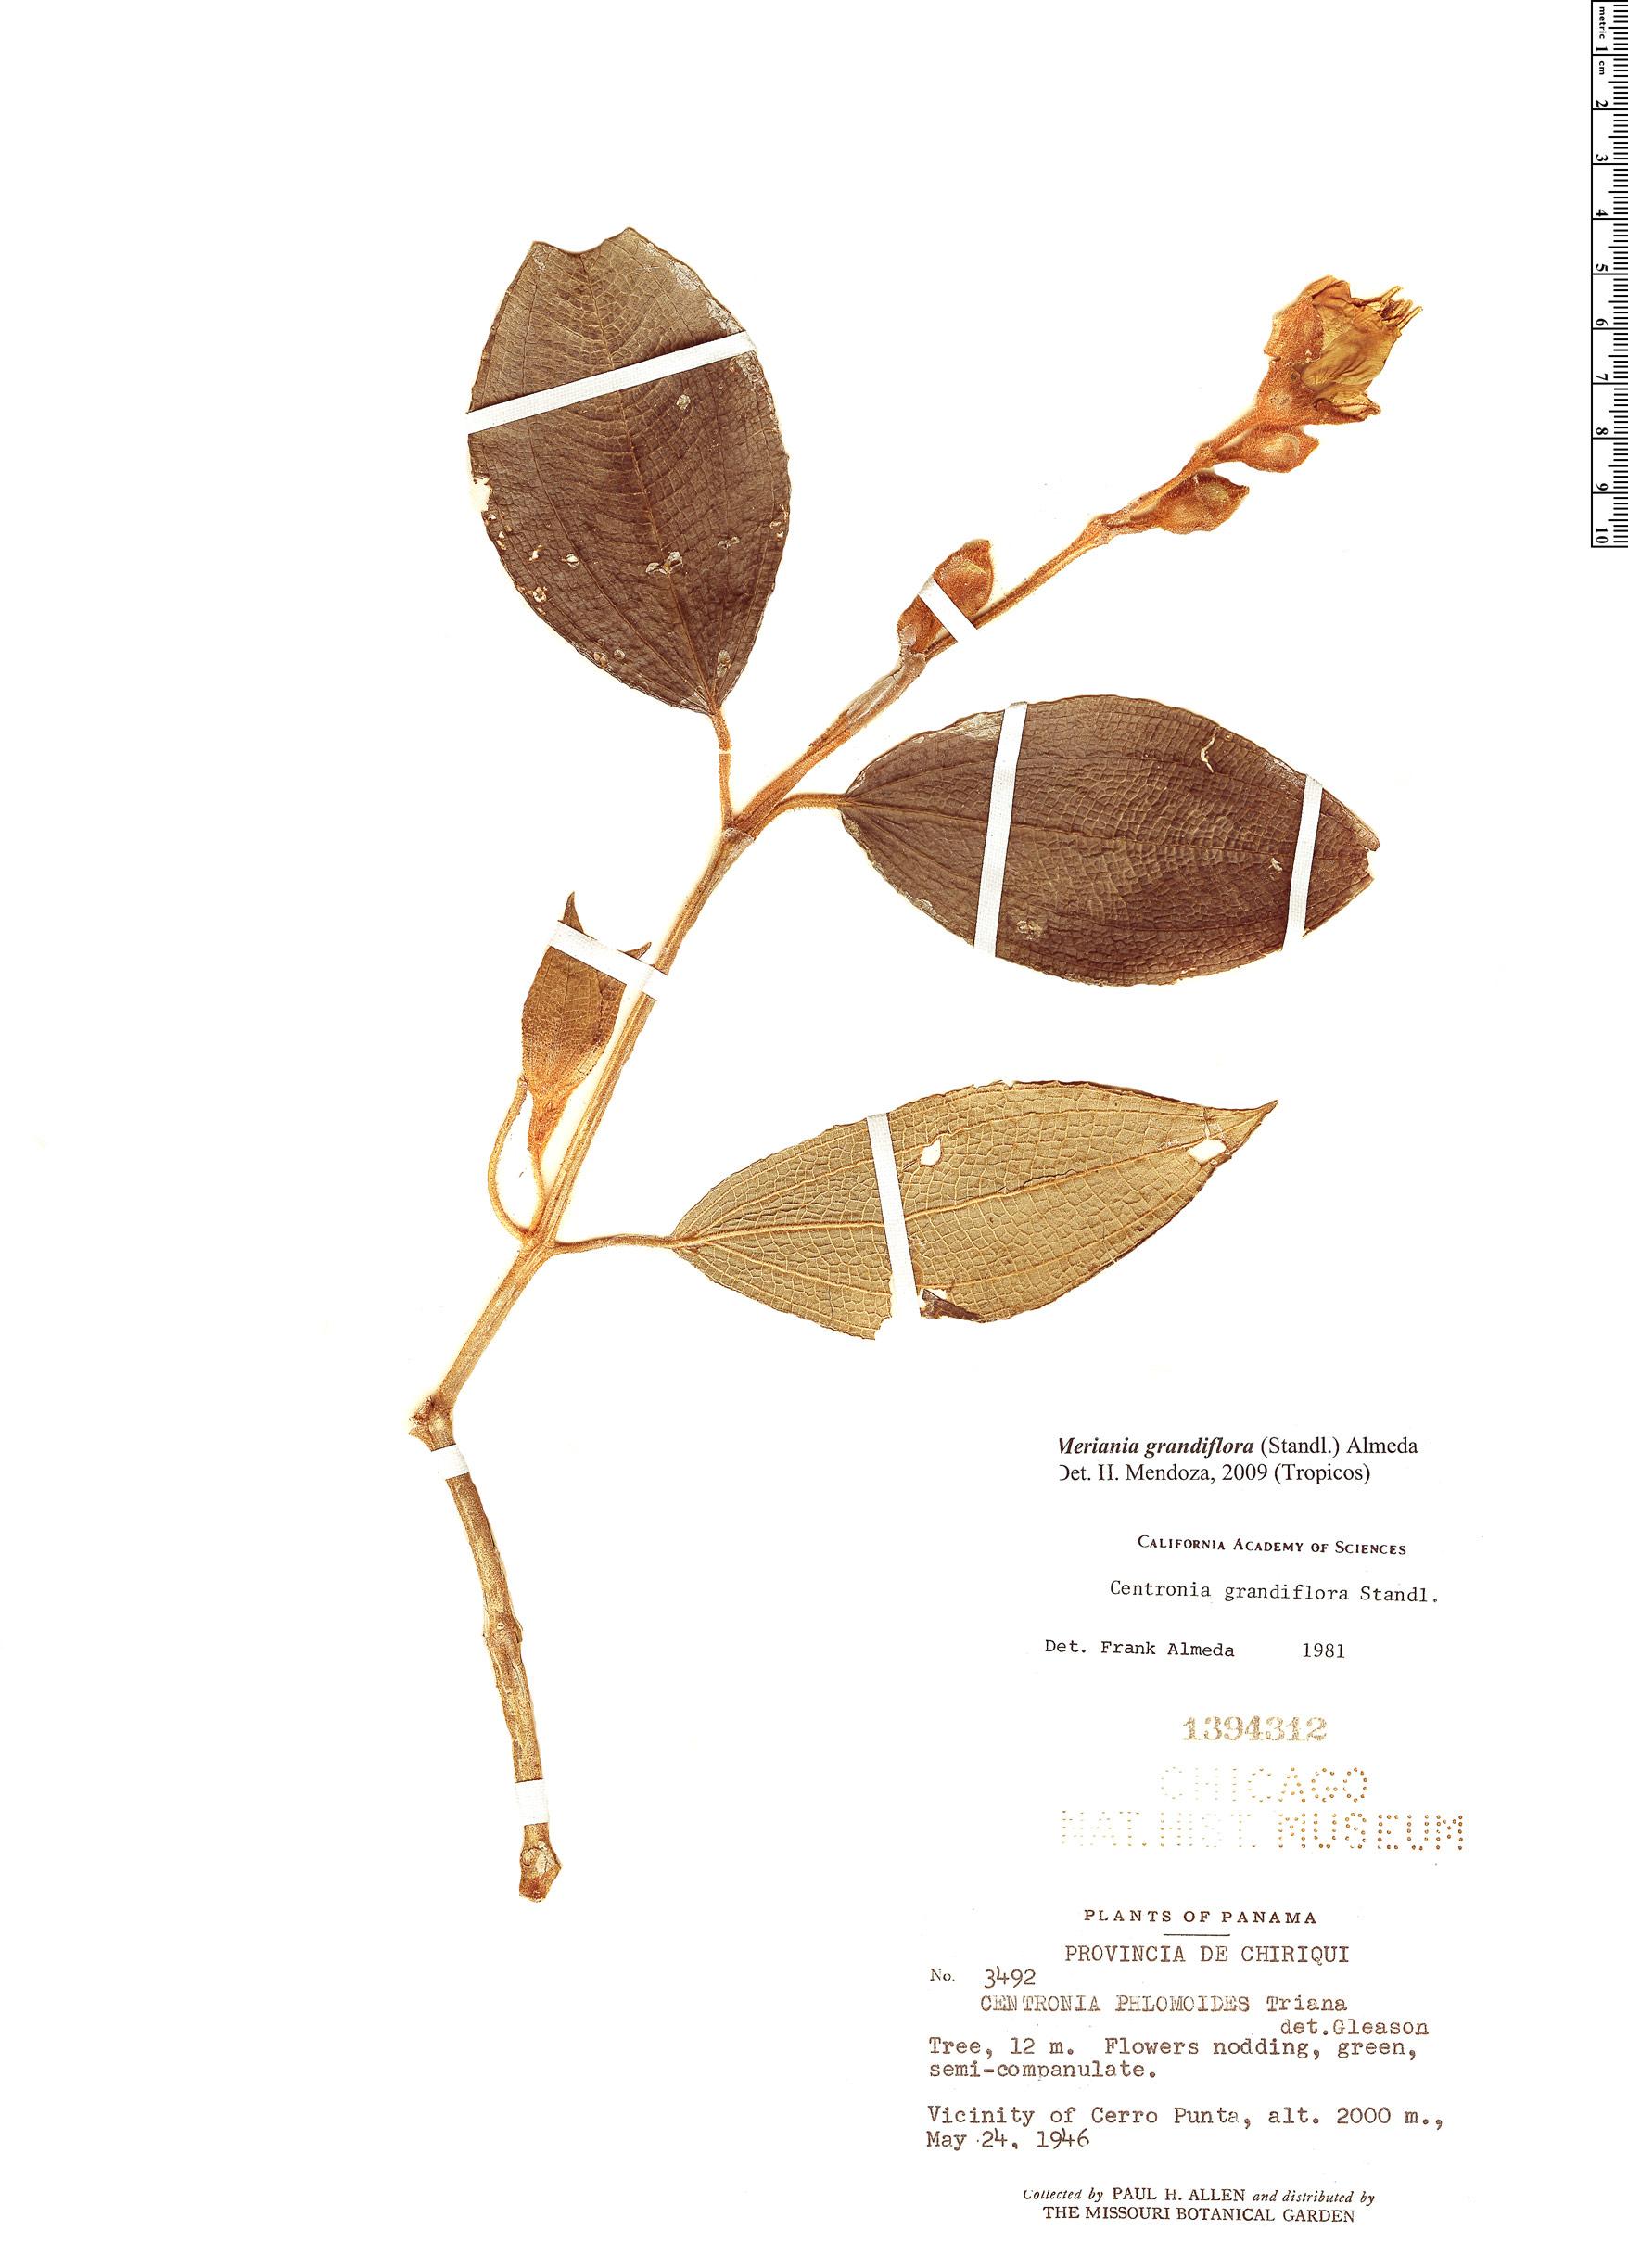 Specimen: Meriania grandiflora